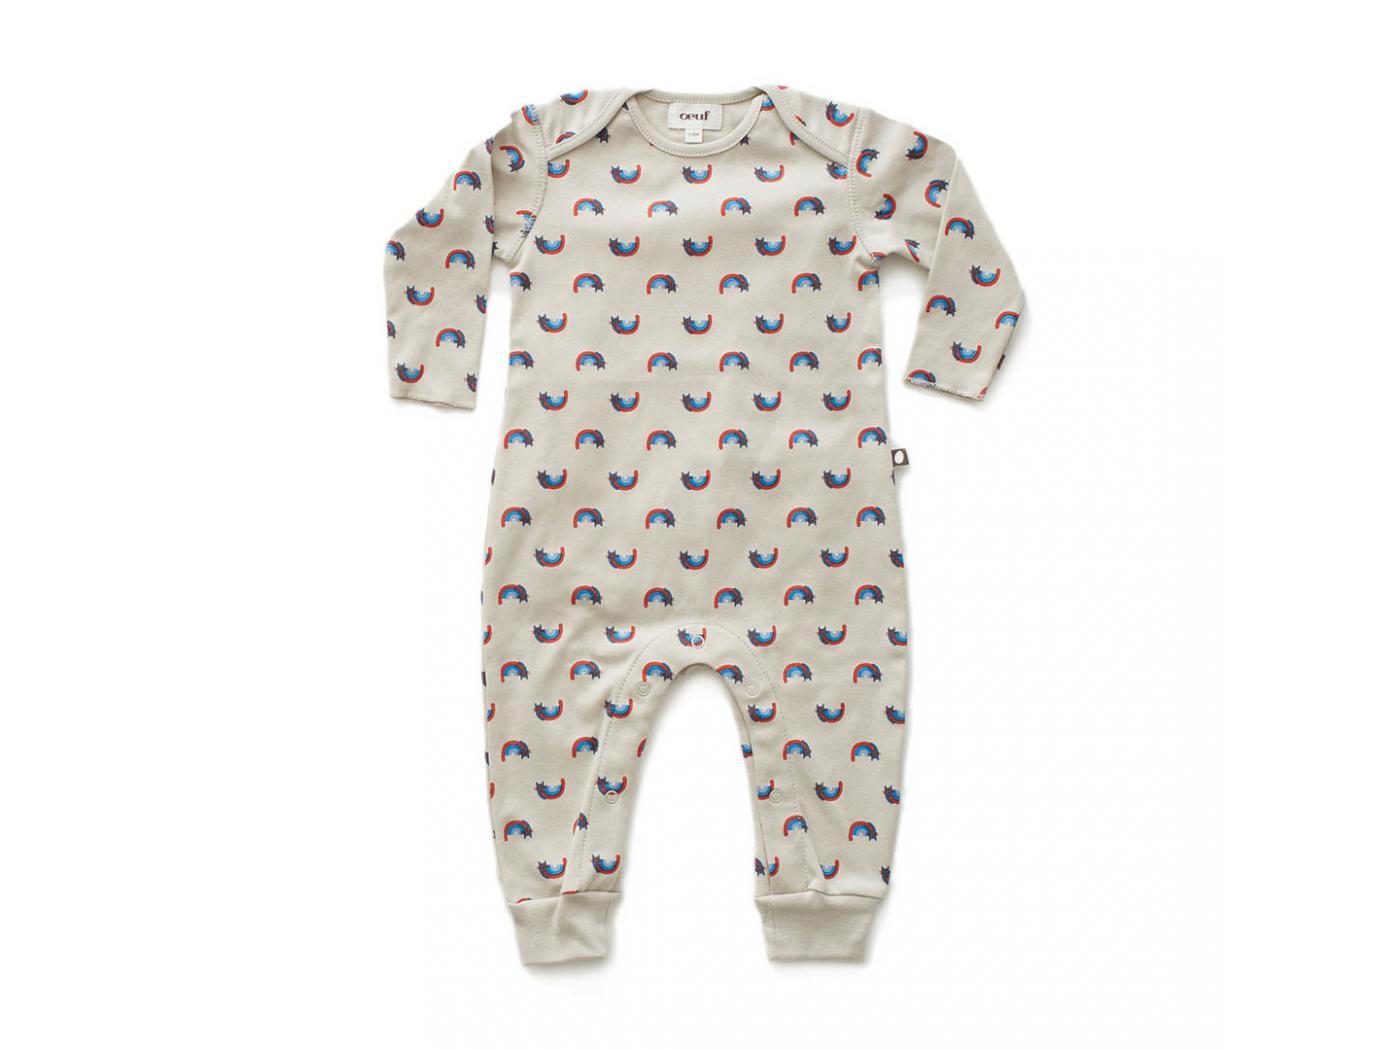 Oeuf Baby Clothes Combinaison Chats Et Arcs En Ciel En